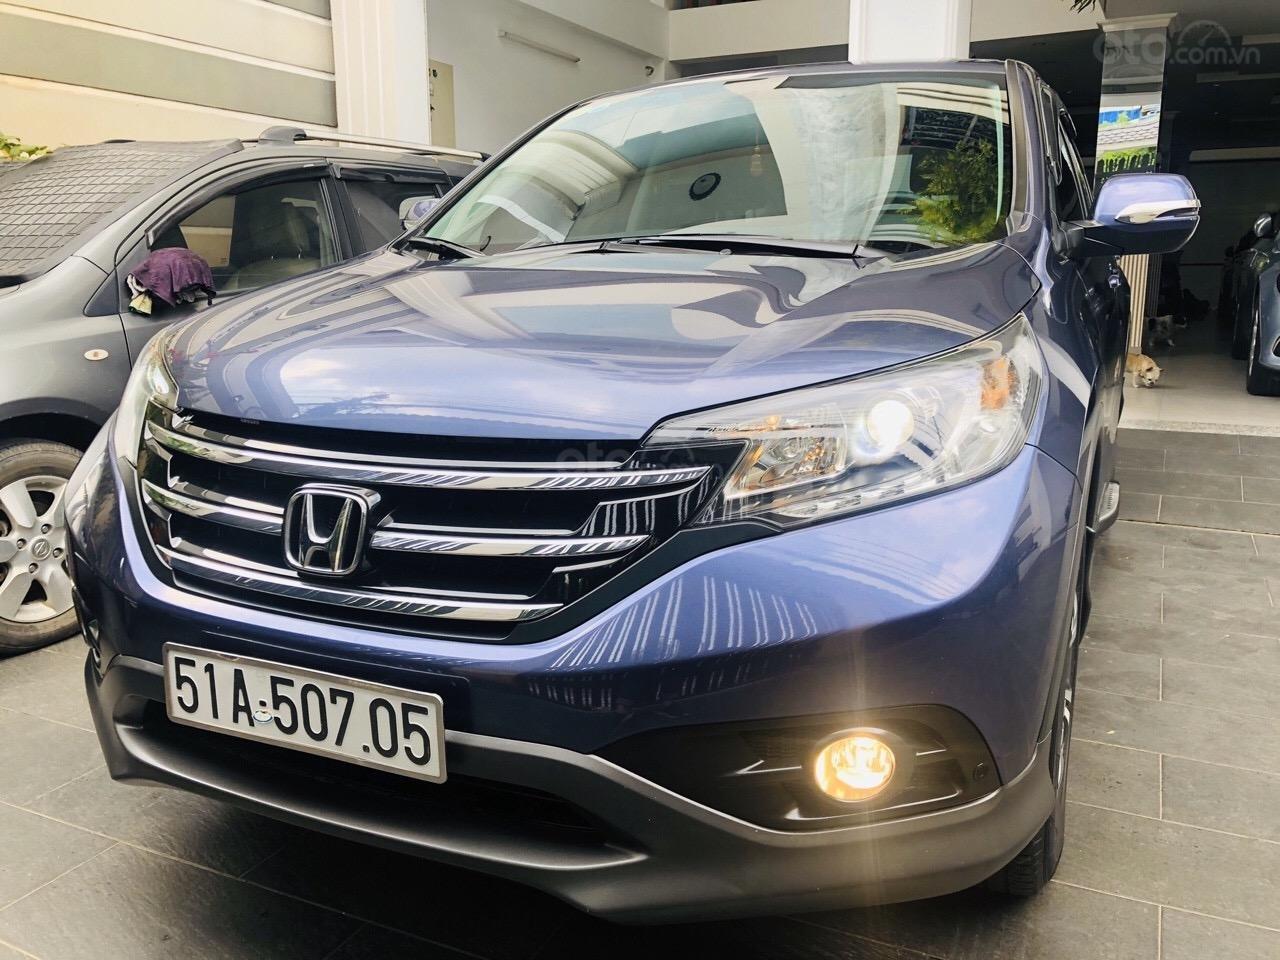 Bán Honda CRV 2.4G sản xuất 2013, xe đẹp đi đúng 39.000km, bao kiểm tra hãng (1)